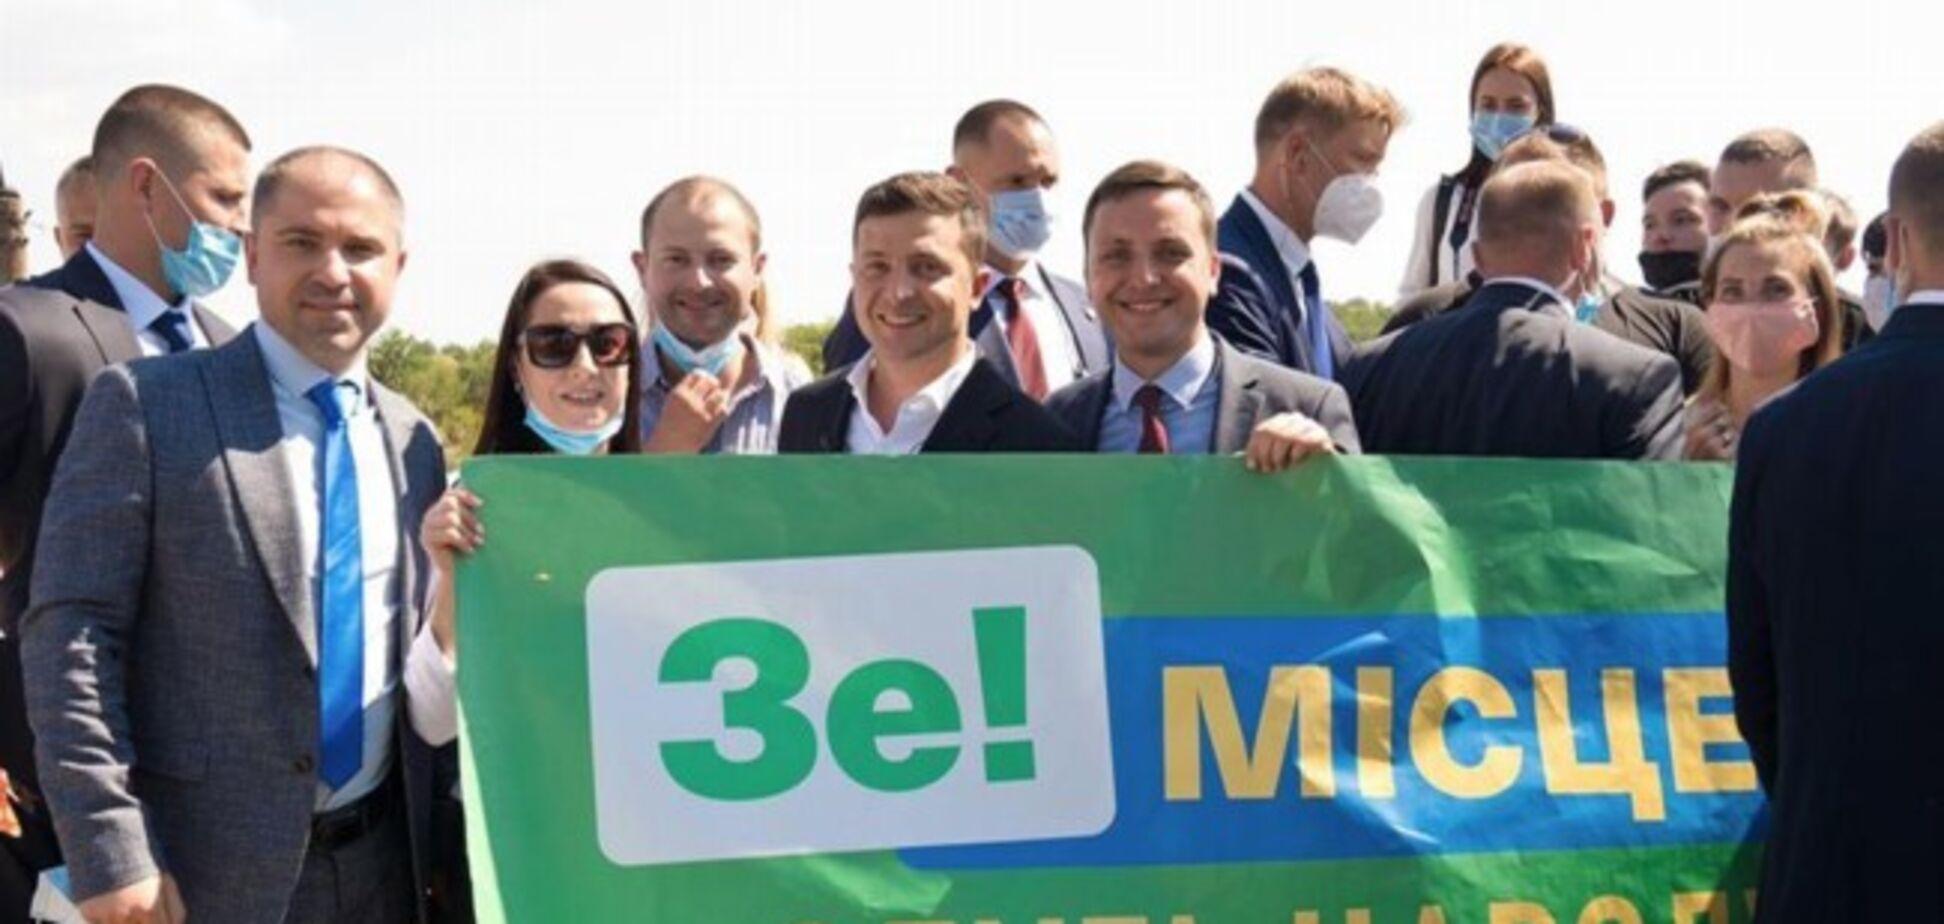 Зеленский взял под личный контроль ситуацию в Мелитополе – СМИ